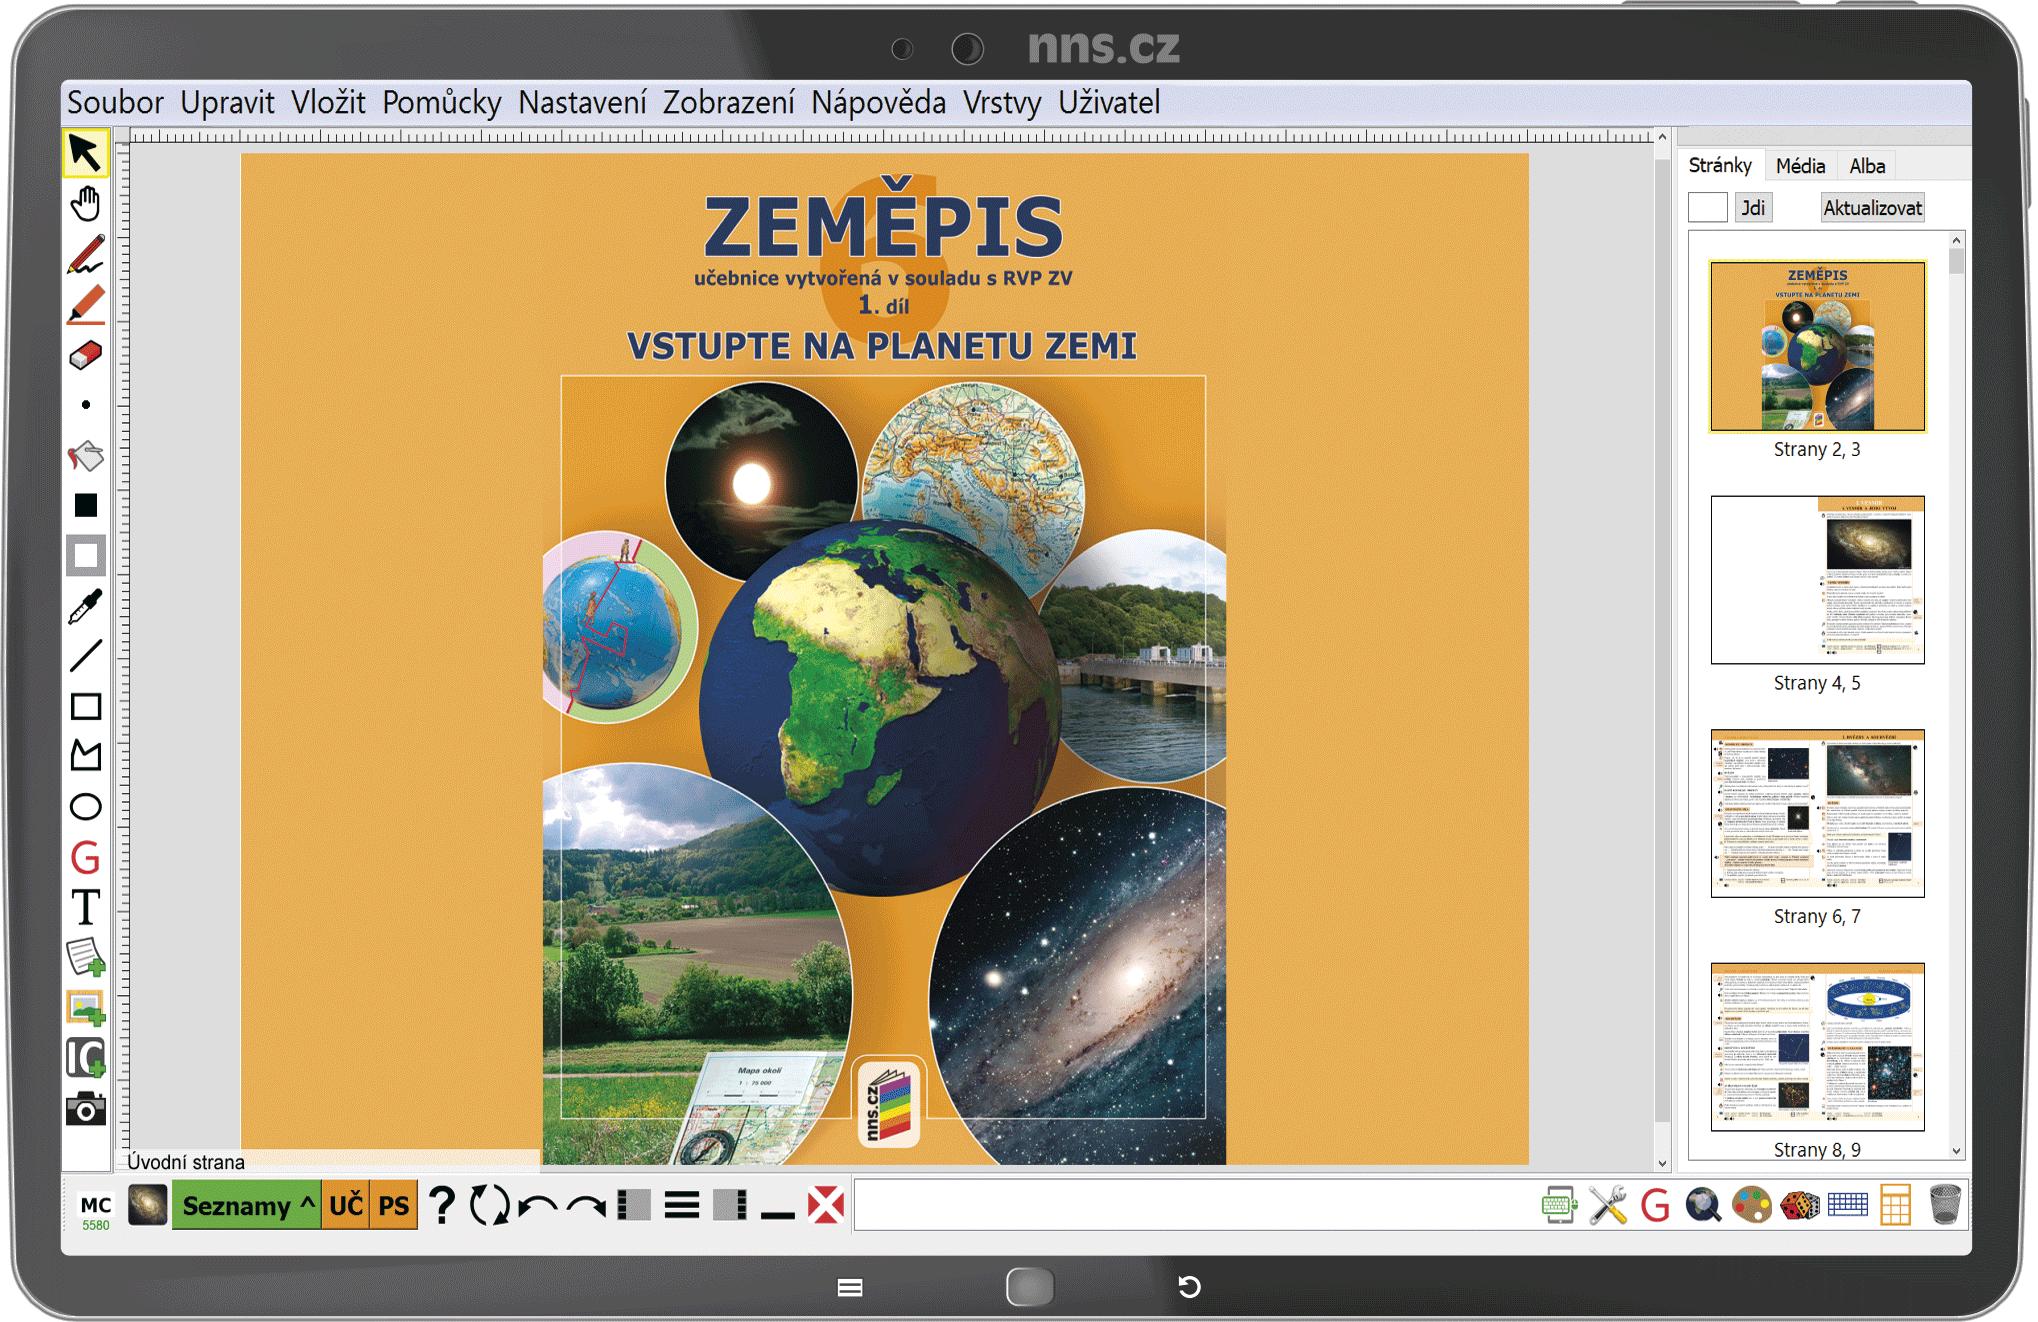 MIUč+ Zeměpis 6, 1. díl - Vstupte na planetu Zemi - časově neomezená šk. multilicence